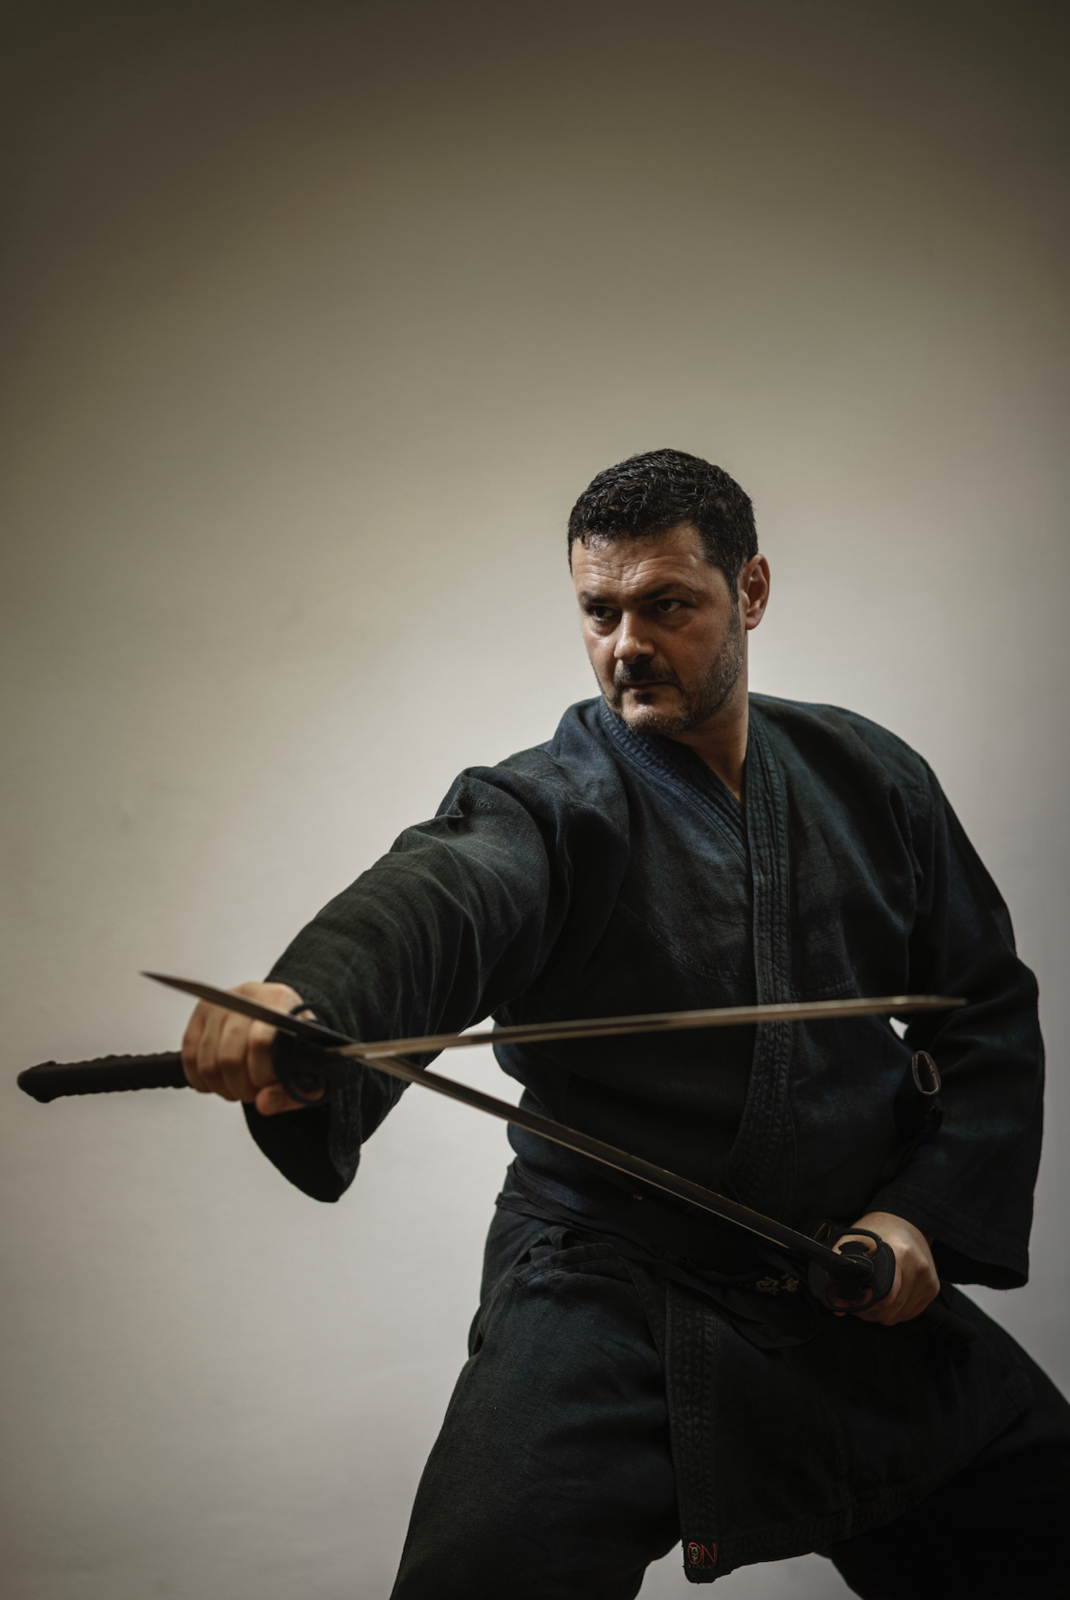 La spiritualité dans la pratique du Bujutsu et du Budō: Histoire d'une vision, par Kacem Zoughari